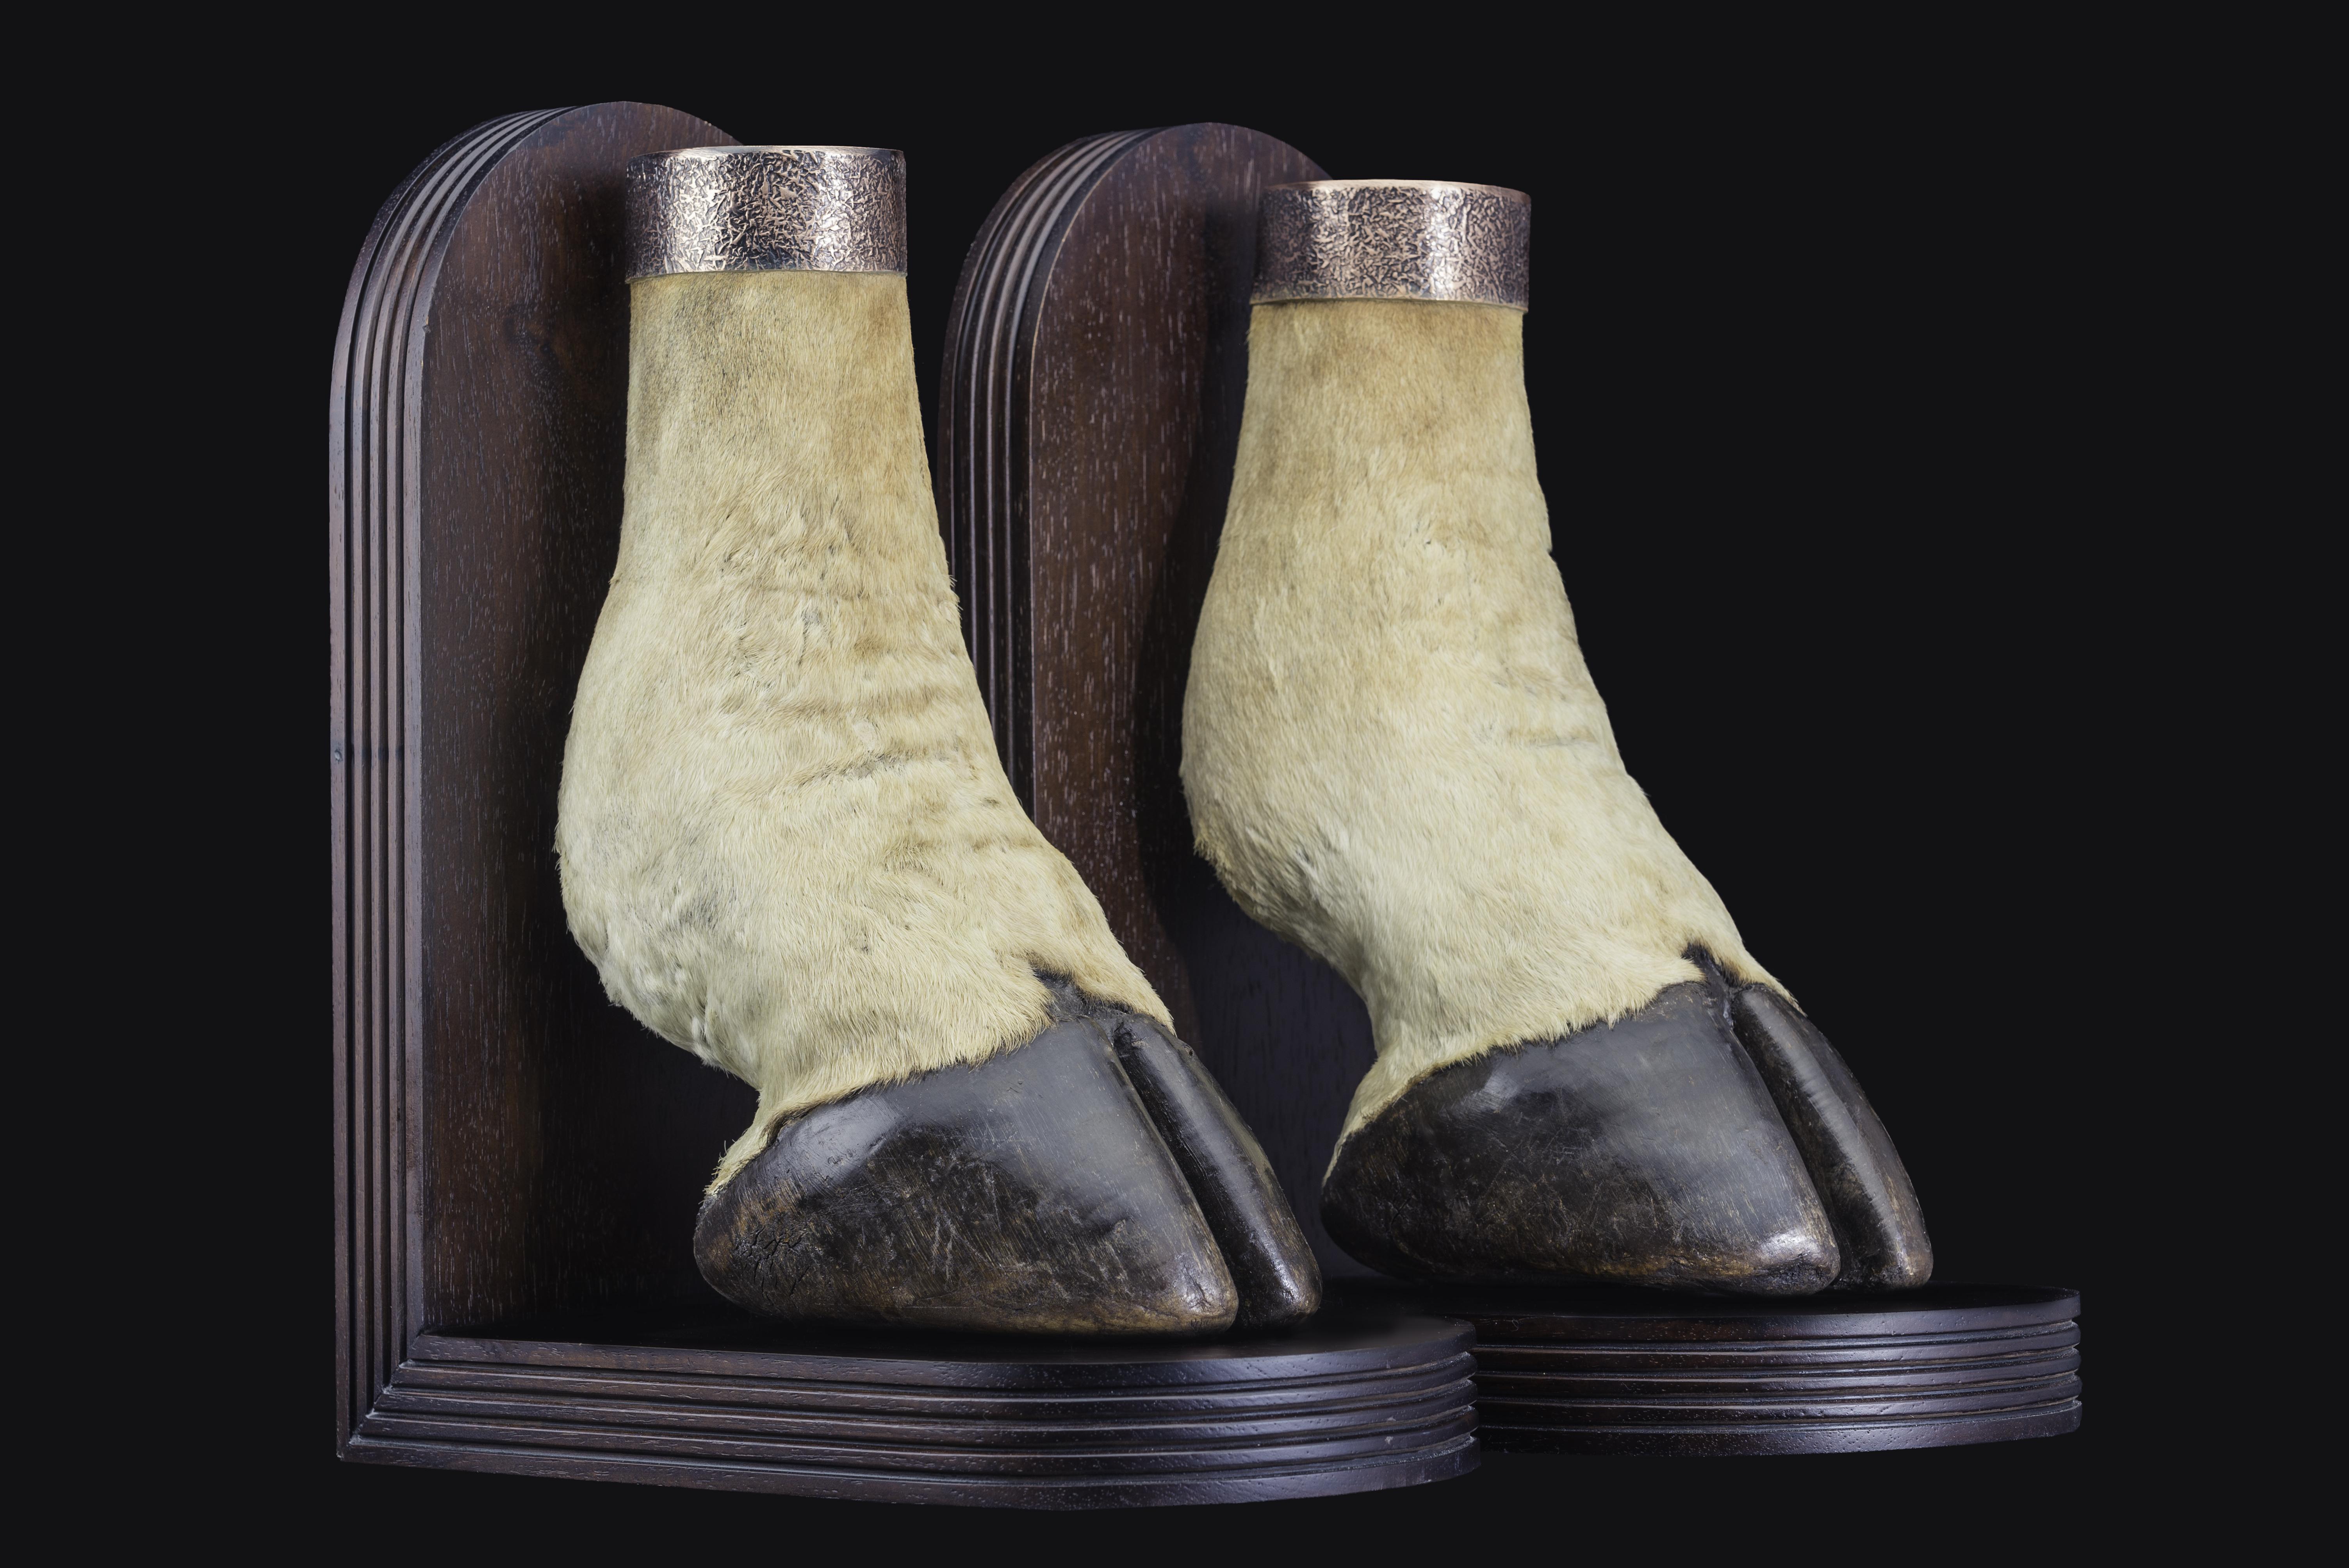 giraffe-feet-single-bookends-ff-046-jpeg-jpg.424566